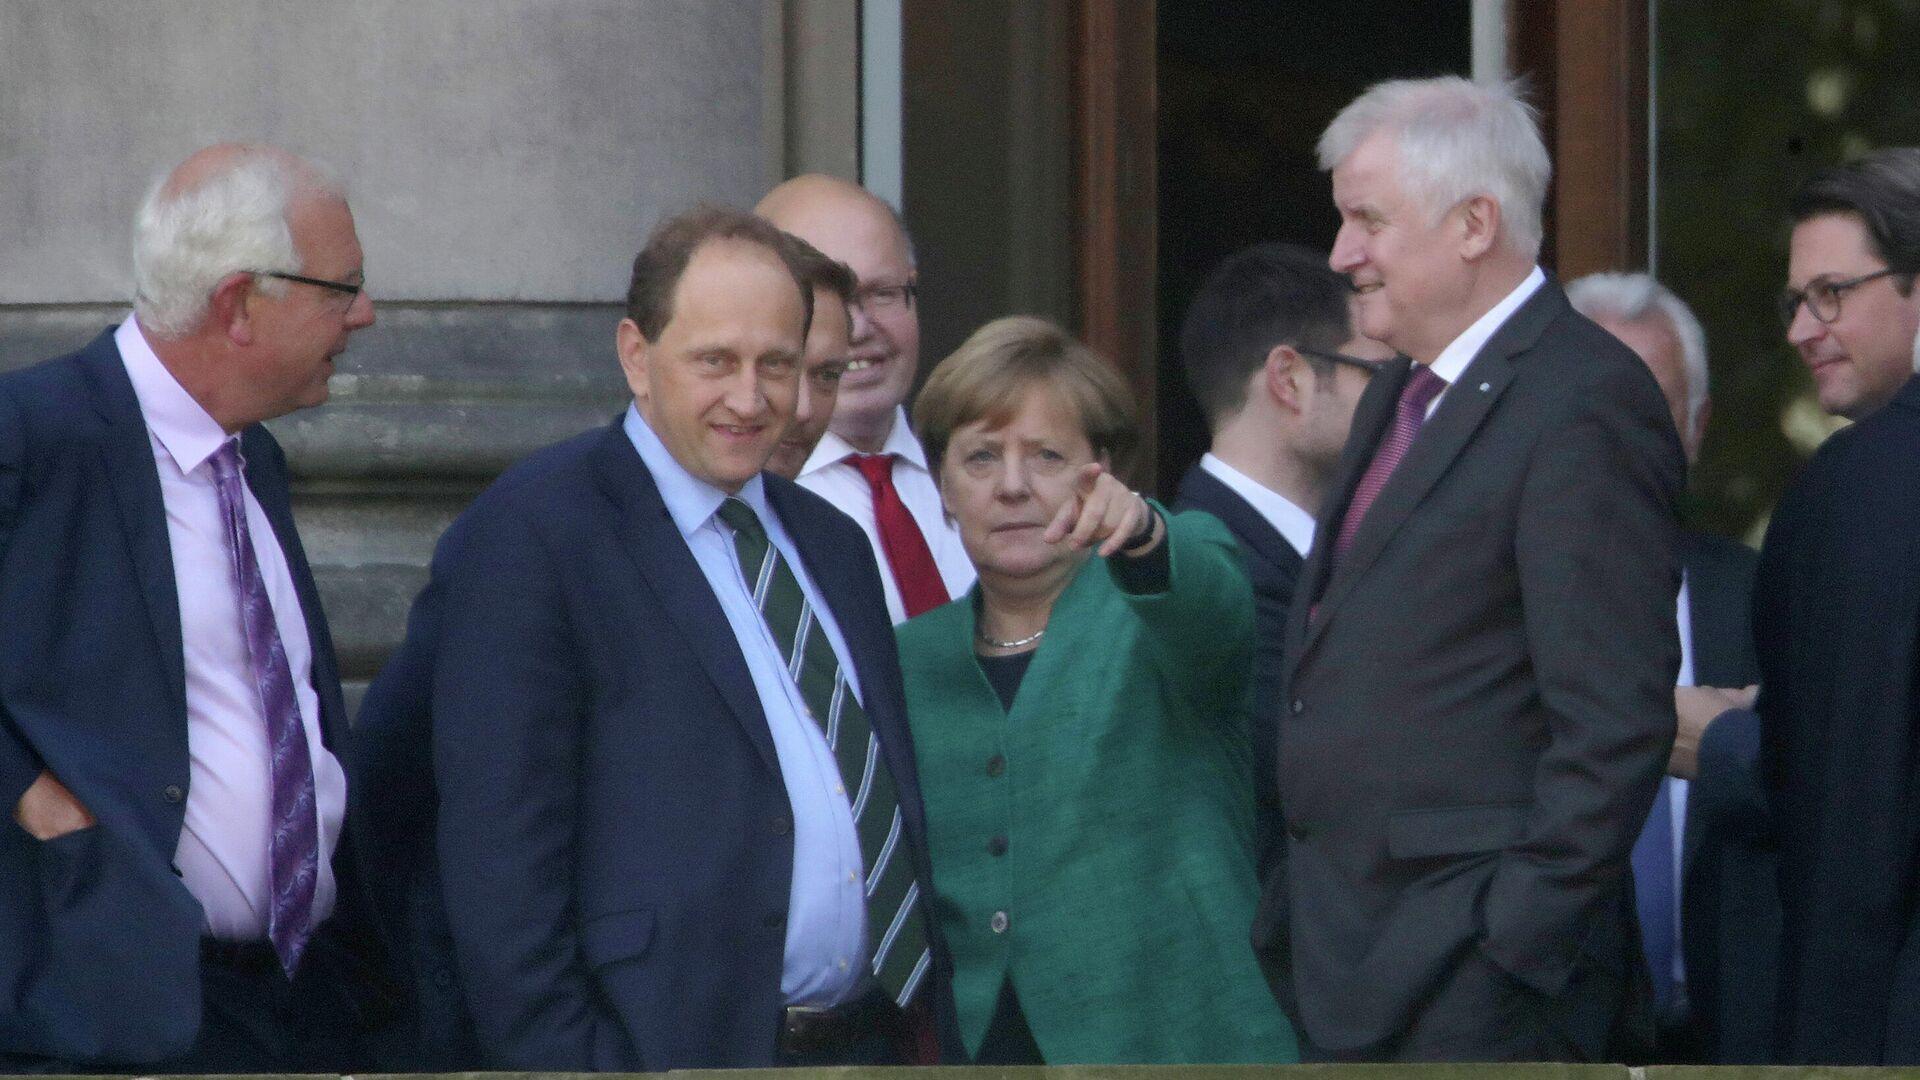 Bundeskanzlerin Angela Merkel, der damalige CSU-Chef Horst Seehofer und andere Union-Politiker mit dem Bundestagsabgeordneten von der FDP Alexander Graf Lambsdorff und dem FDP-Chef Christian Lindner bei Sondierungsgesprächen, Oktober 2017 in Berlin. Symbolfoto. - SNA, 1920, 30.07.2021